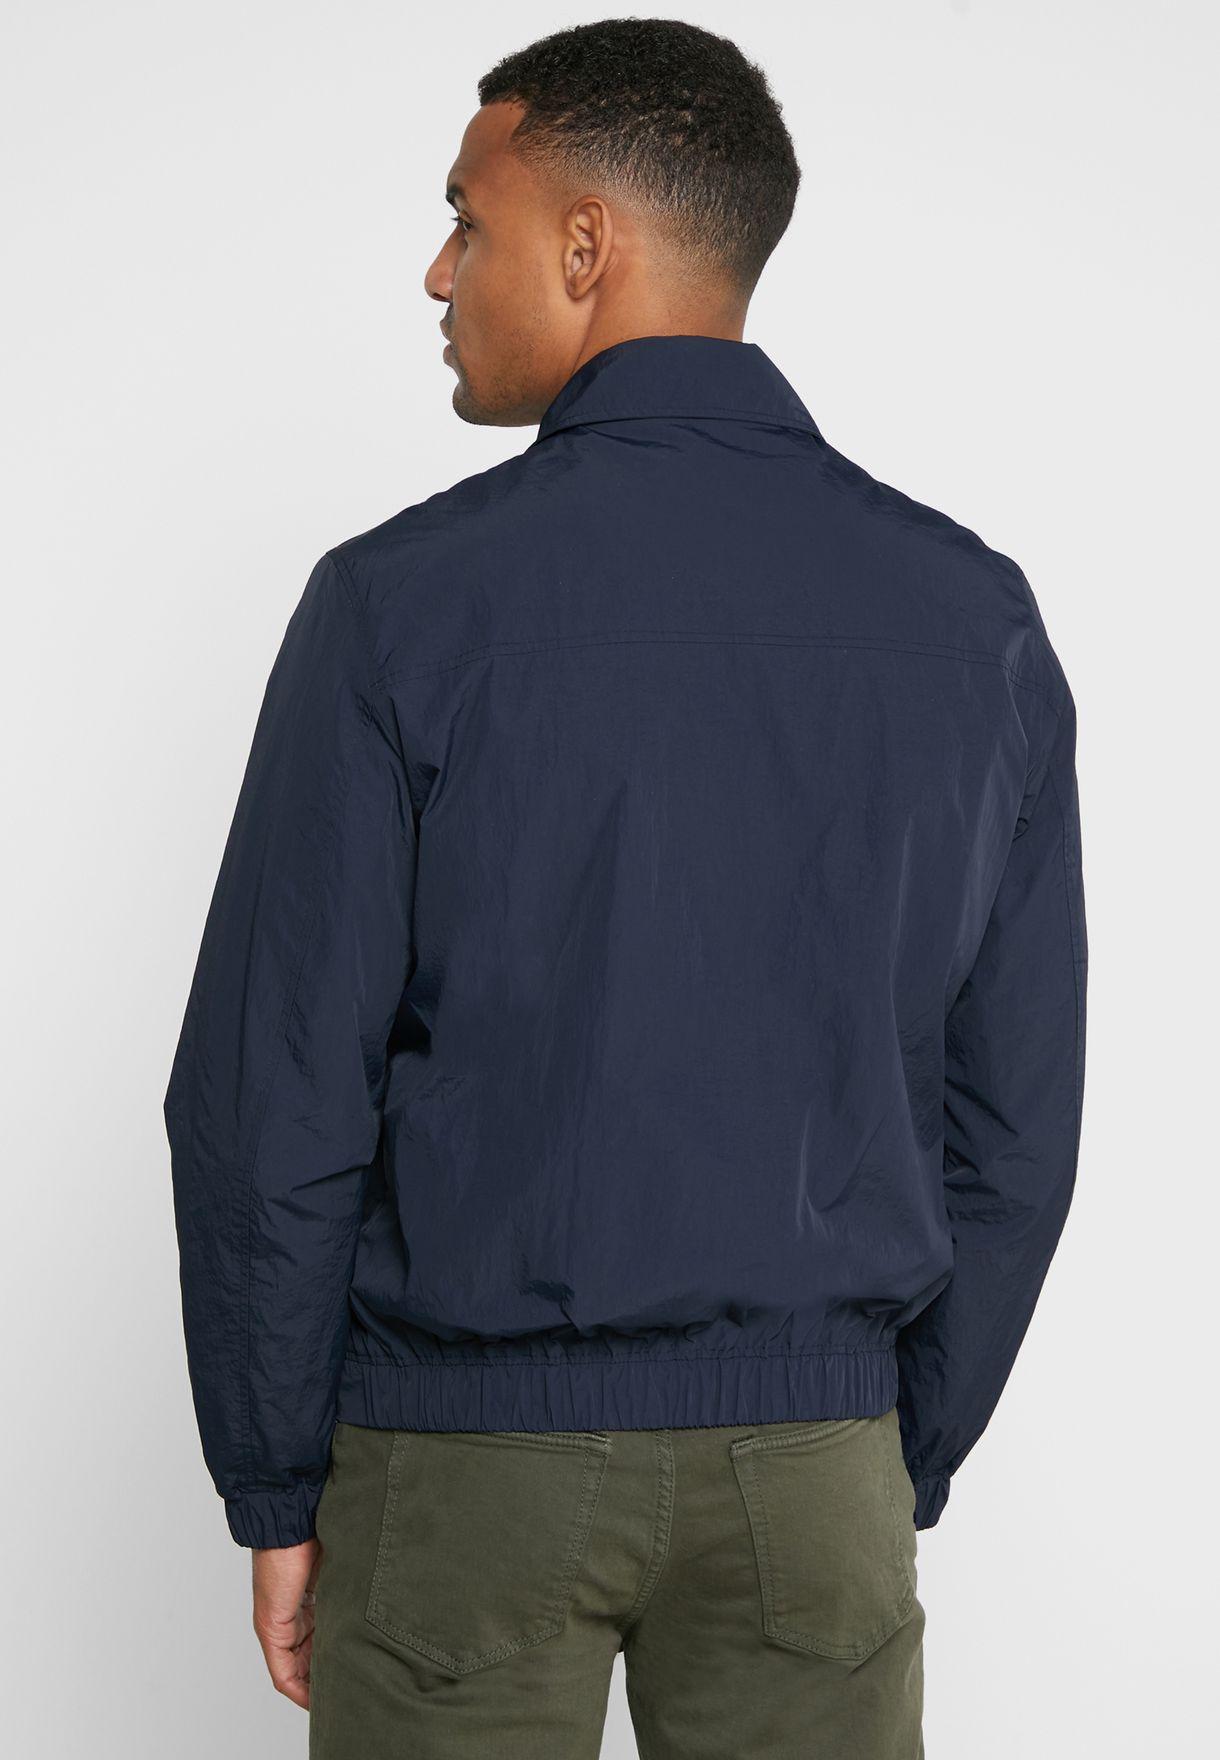 Zip Pocket Jacket